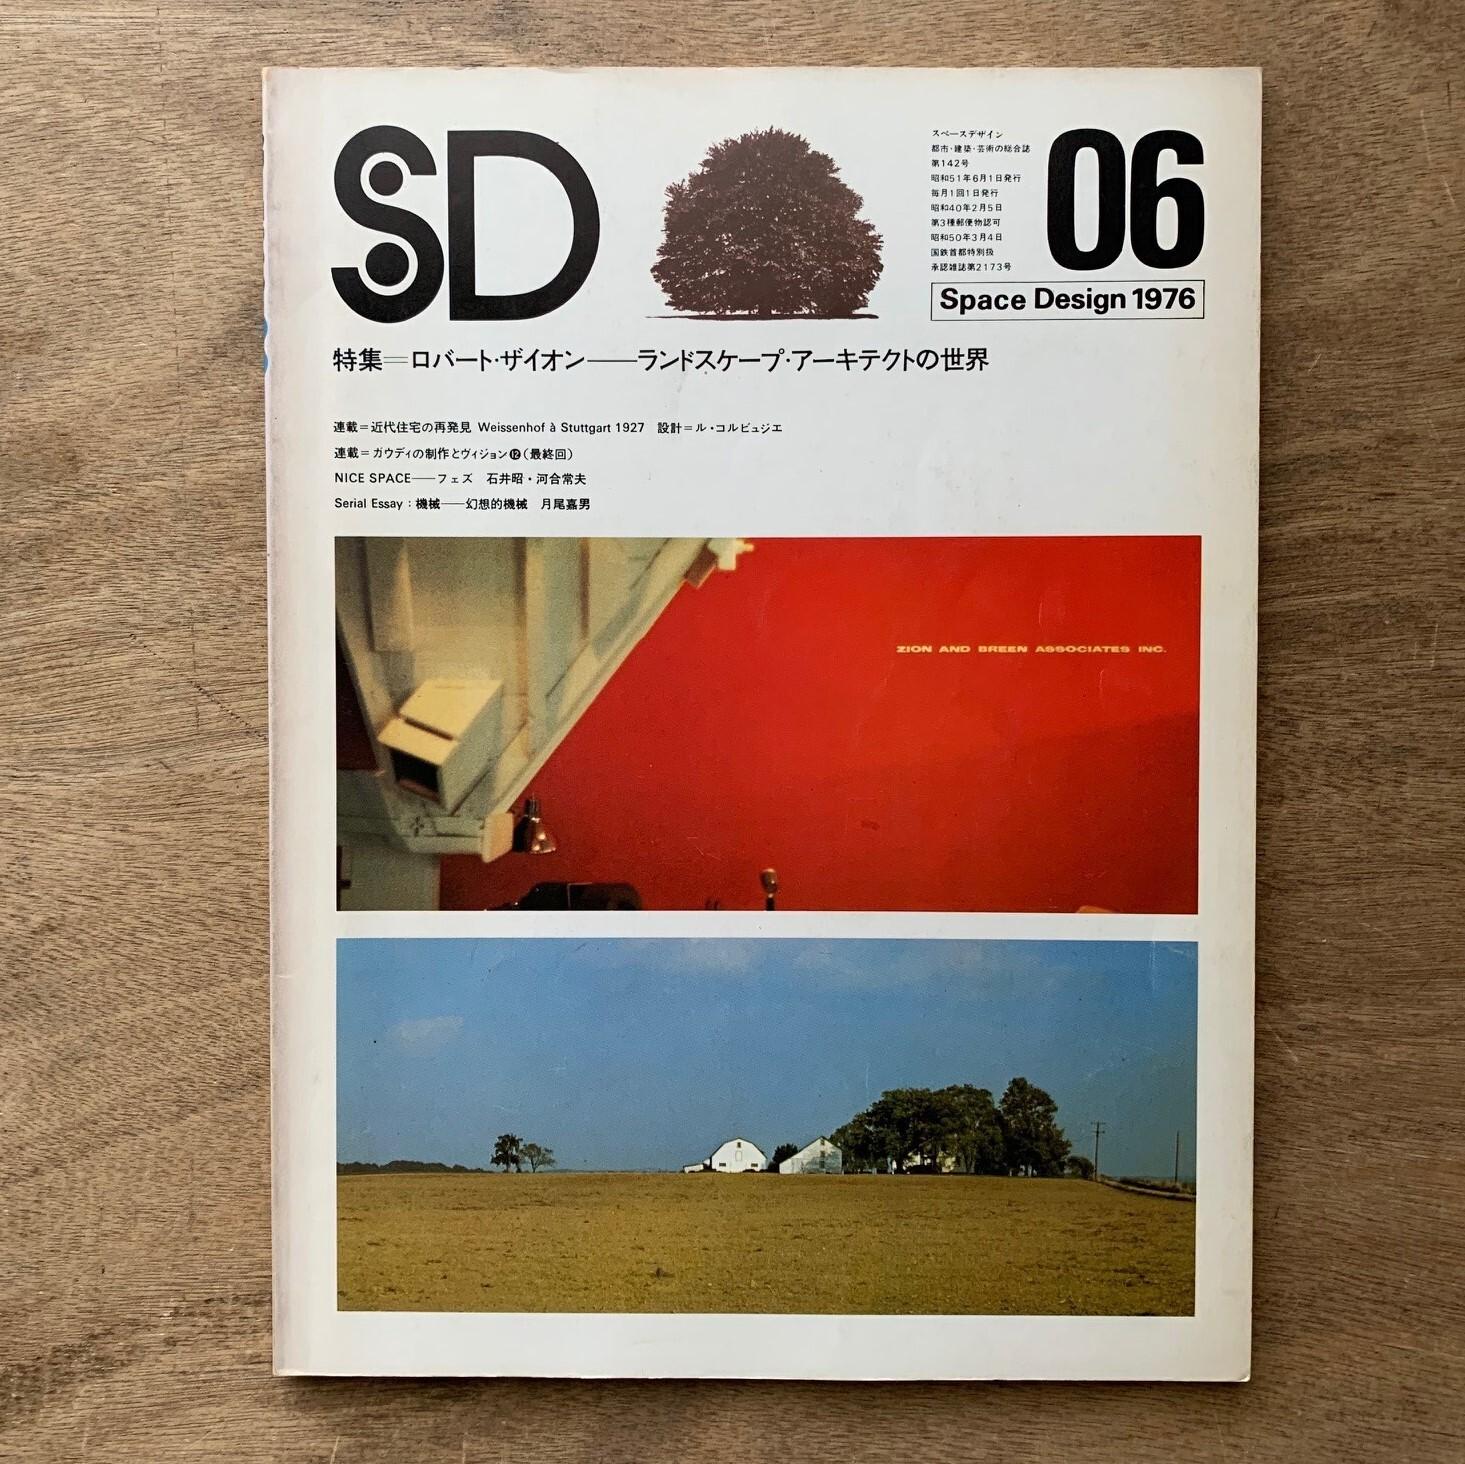 ロバート・ザイオン-ランドスケープ・アーキテクトの世界 / SD スペース・デザイン 142号